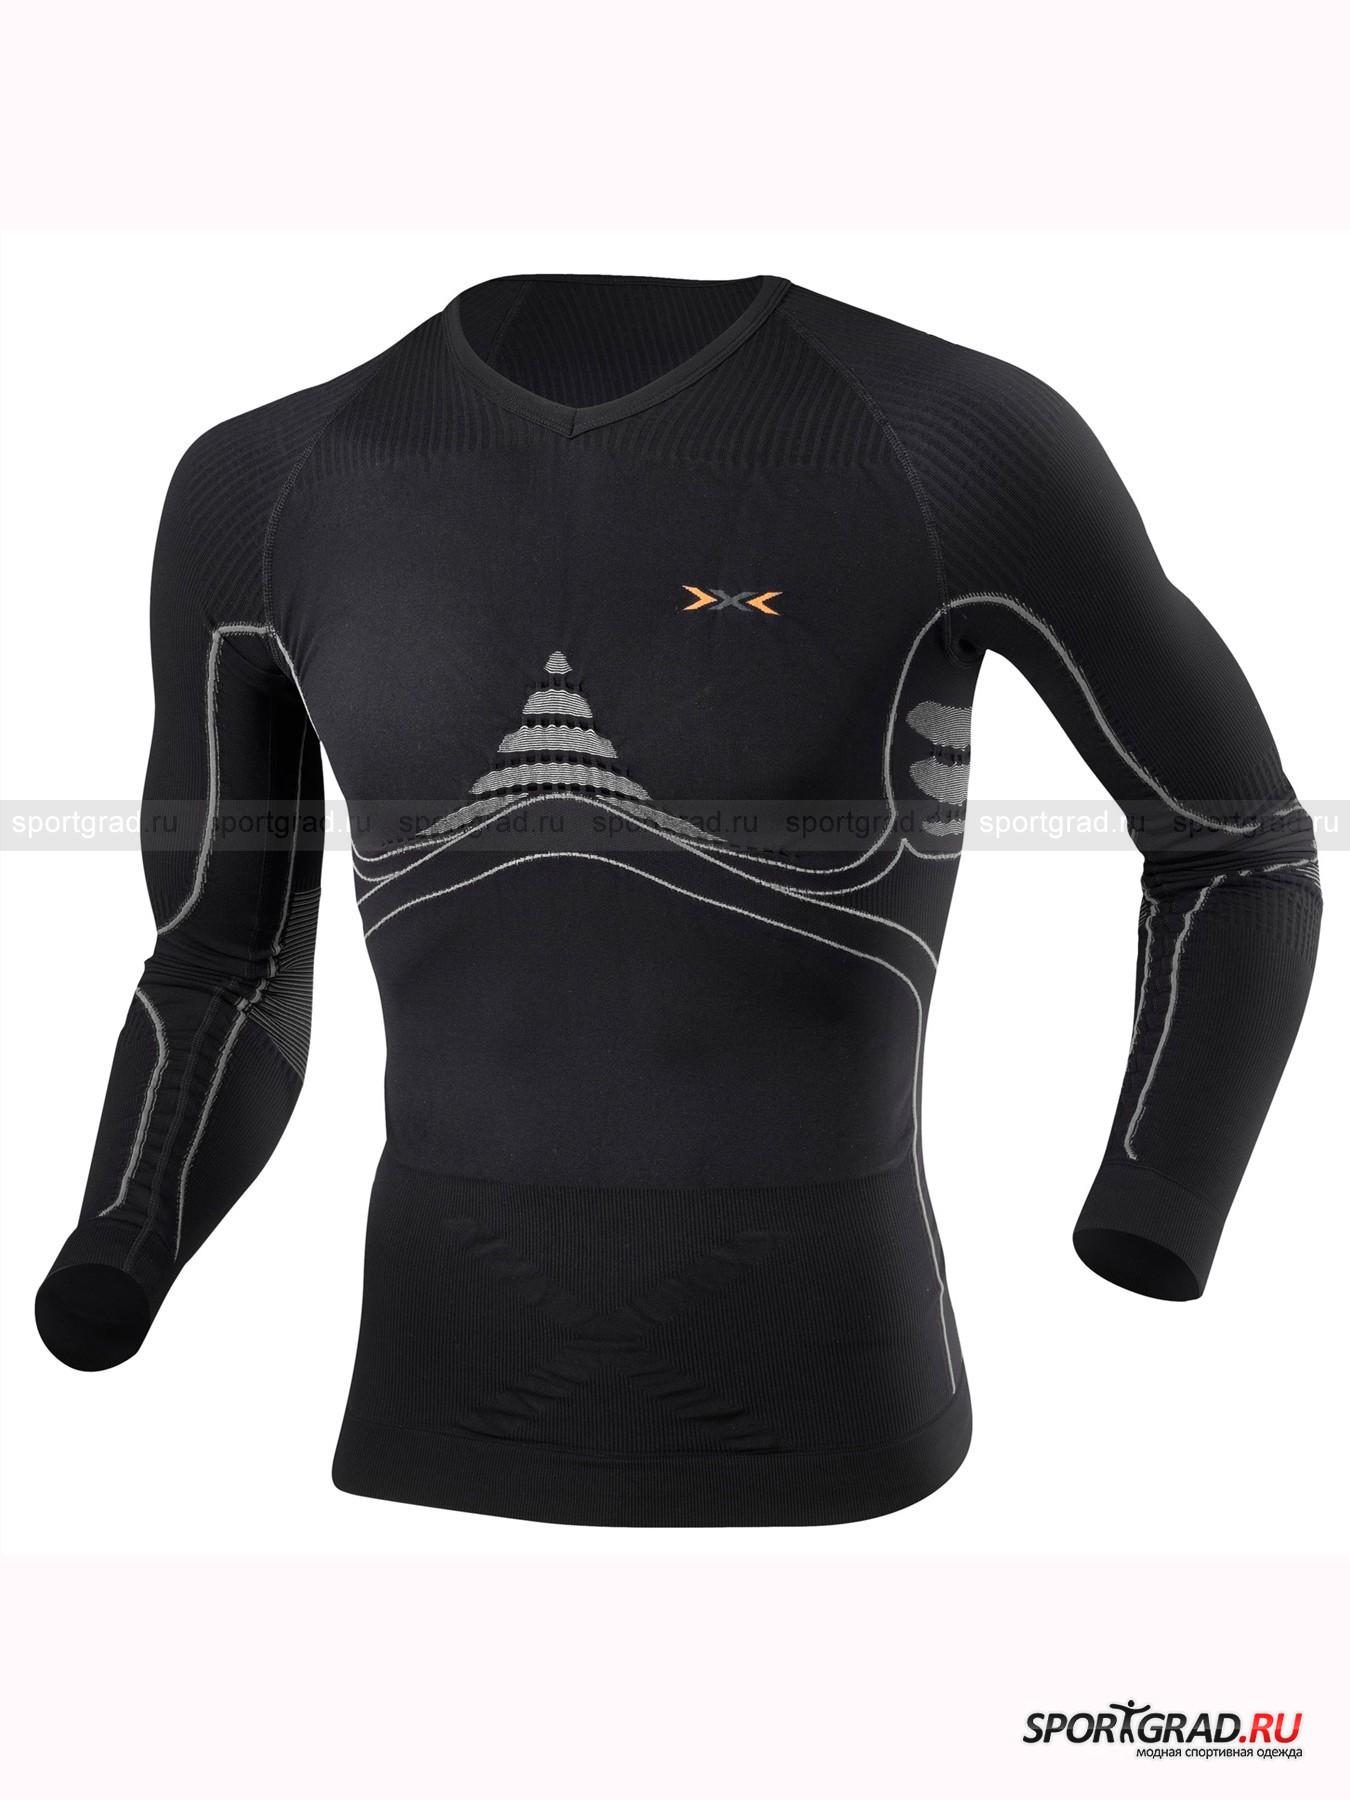 Белье: термофутболка мужская T-Shirt Long  Extra Warm  X-BIO с длинным рукавом для занятий спортом от Спортград